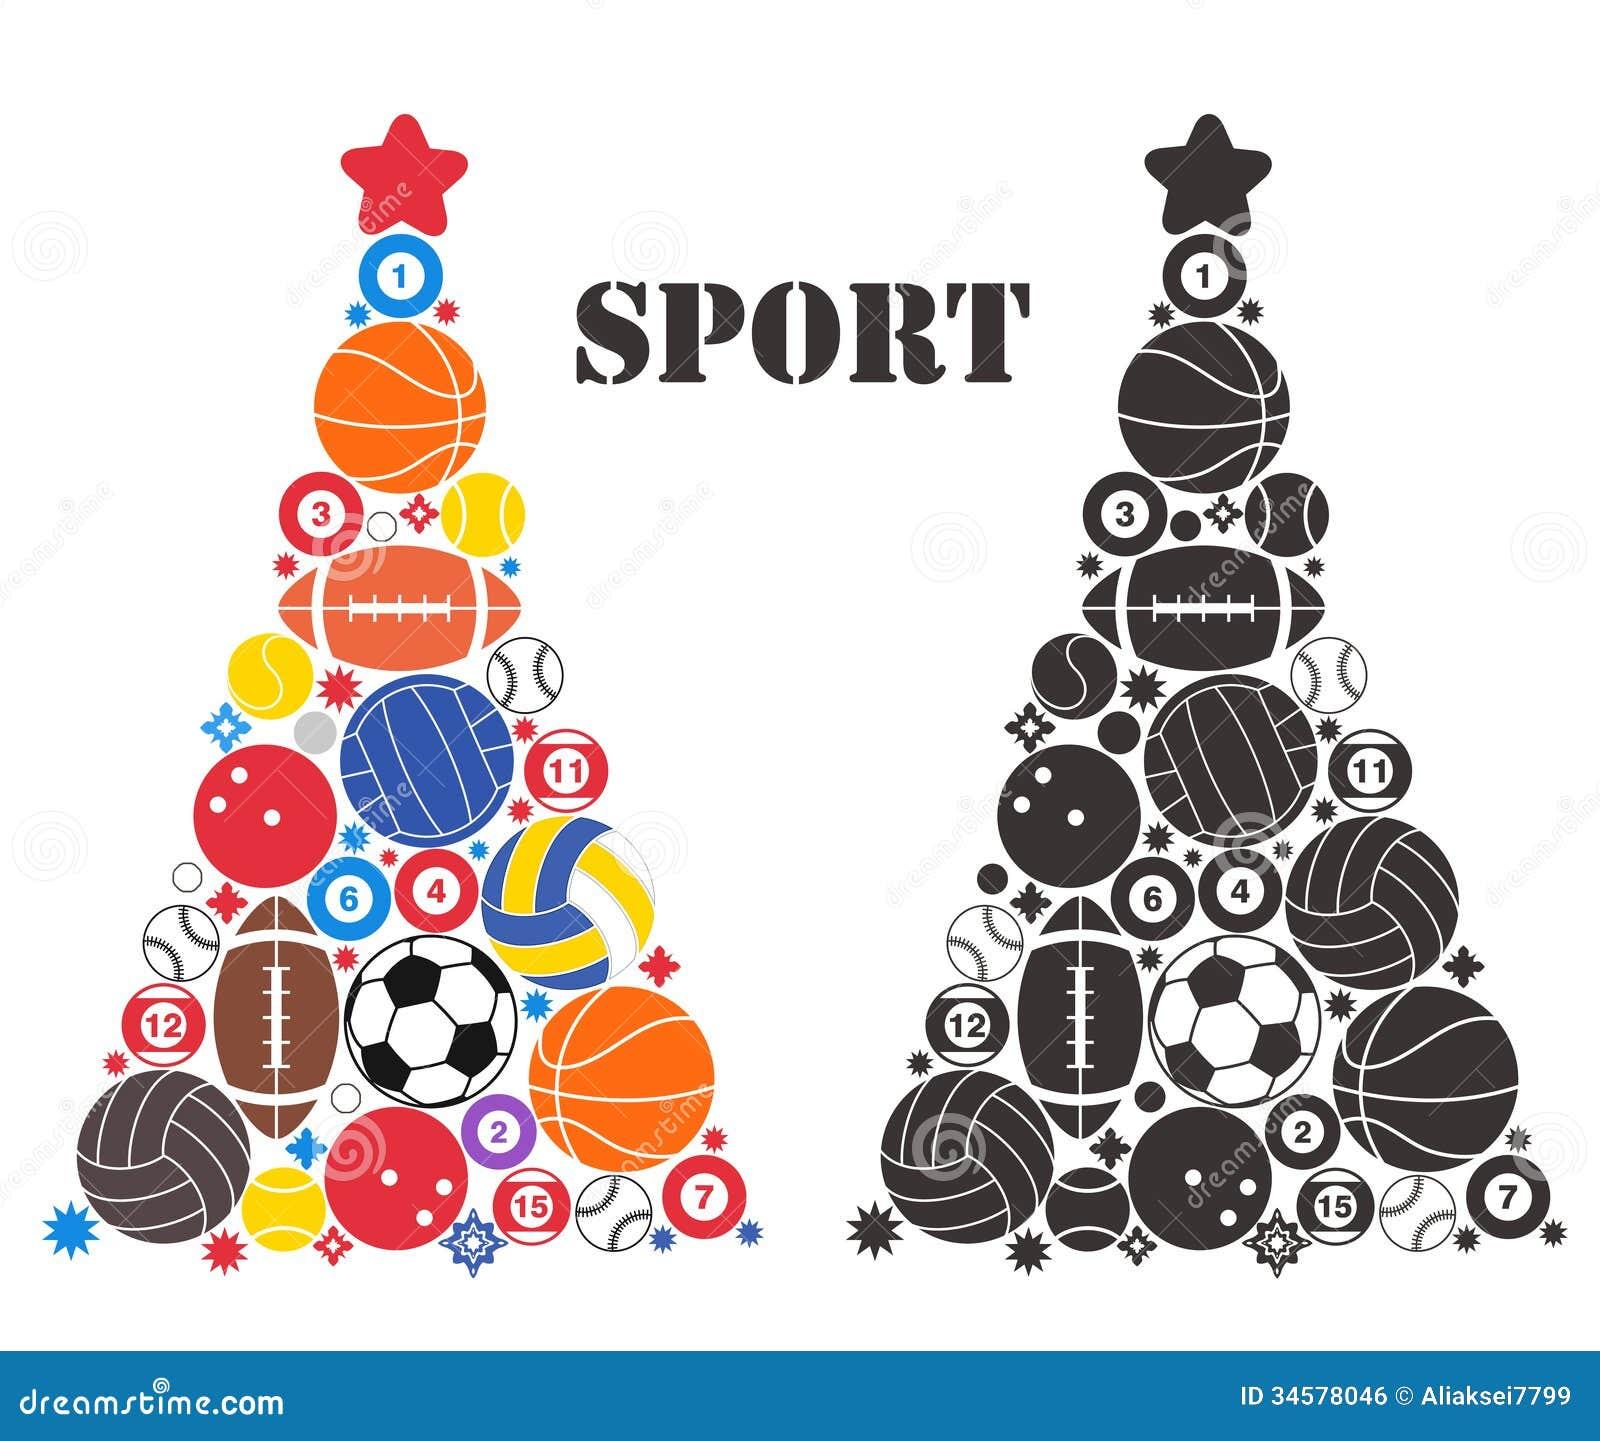 Необыкновенная рождественская елка. Спорт